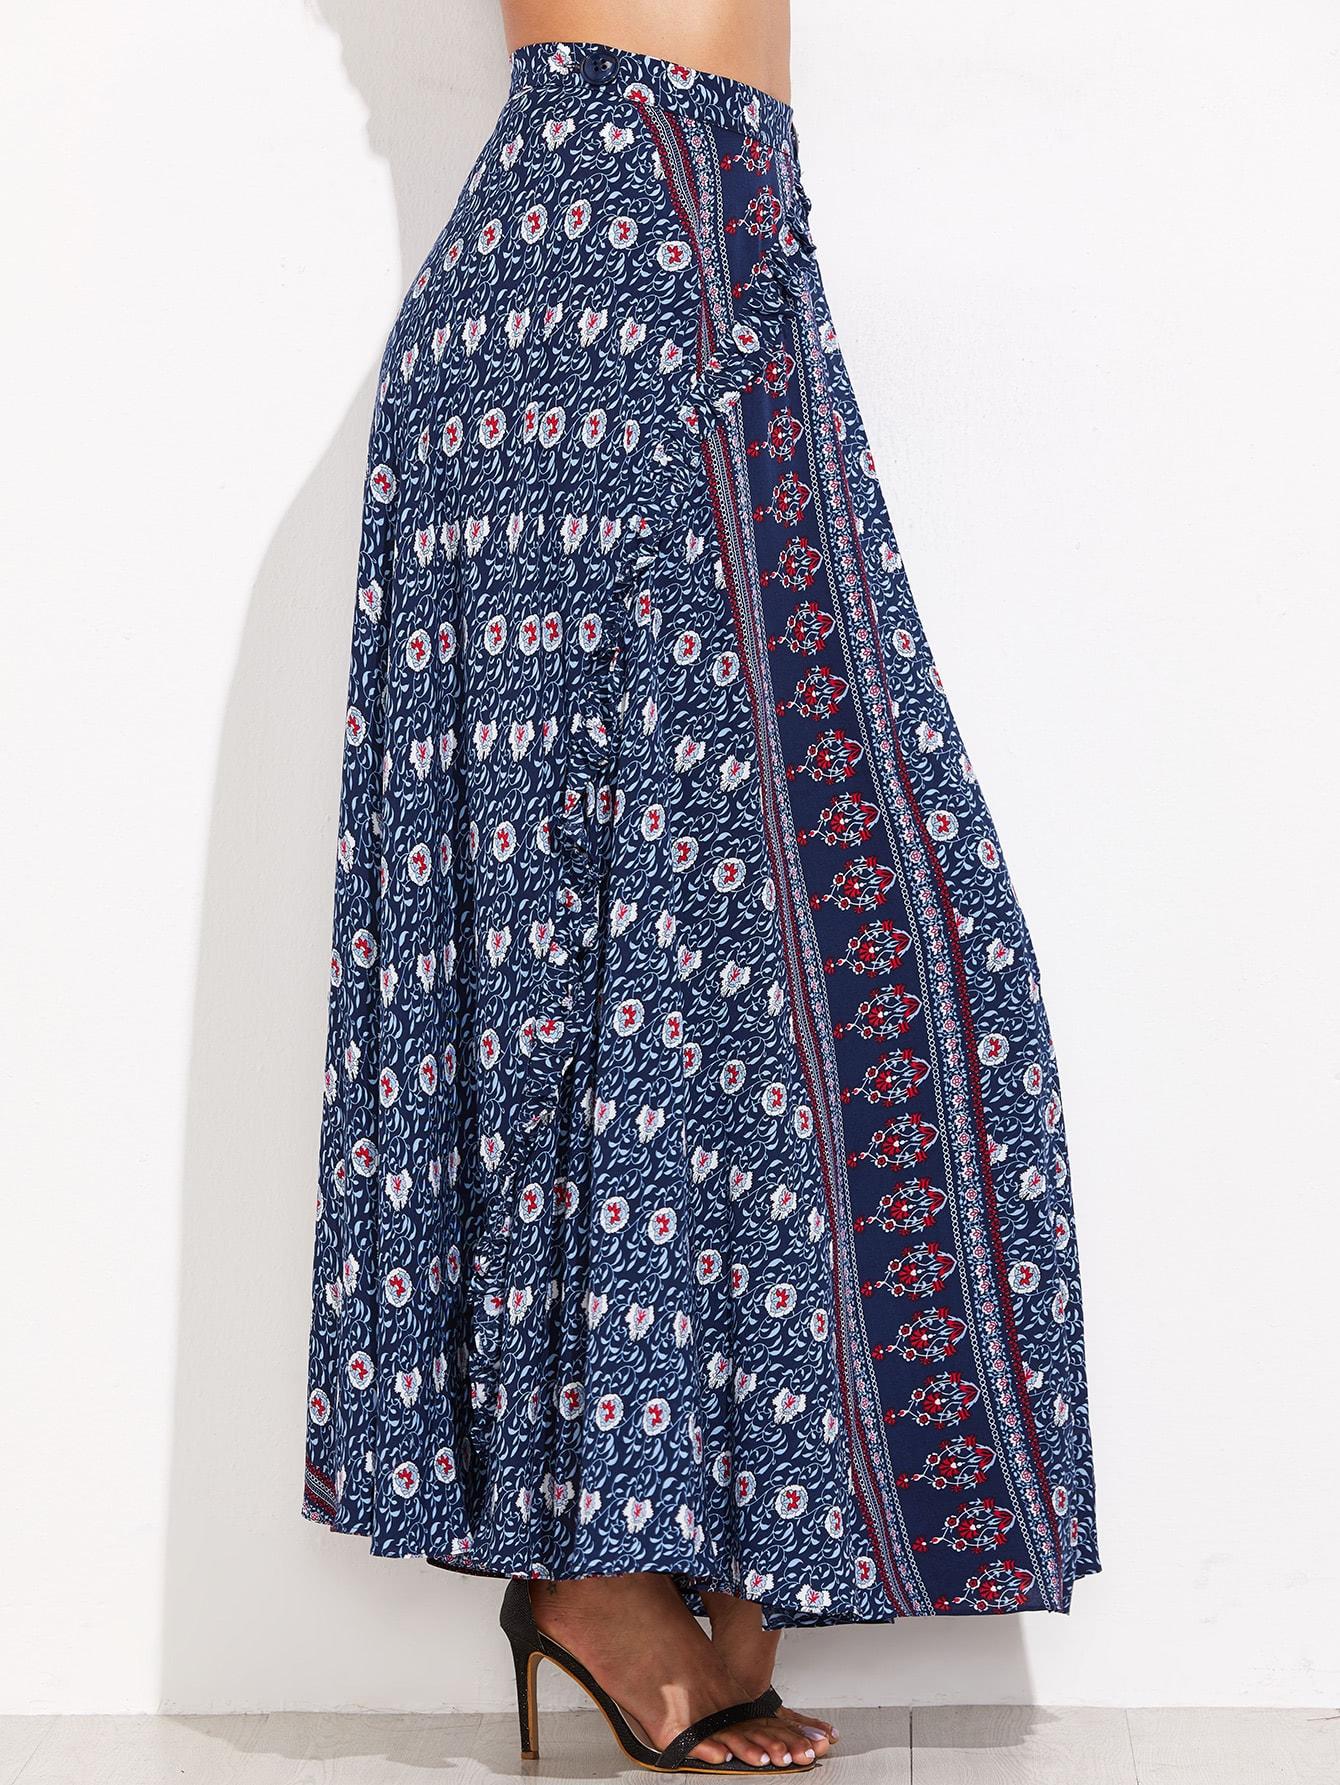 skirt161027470_2